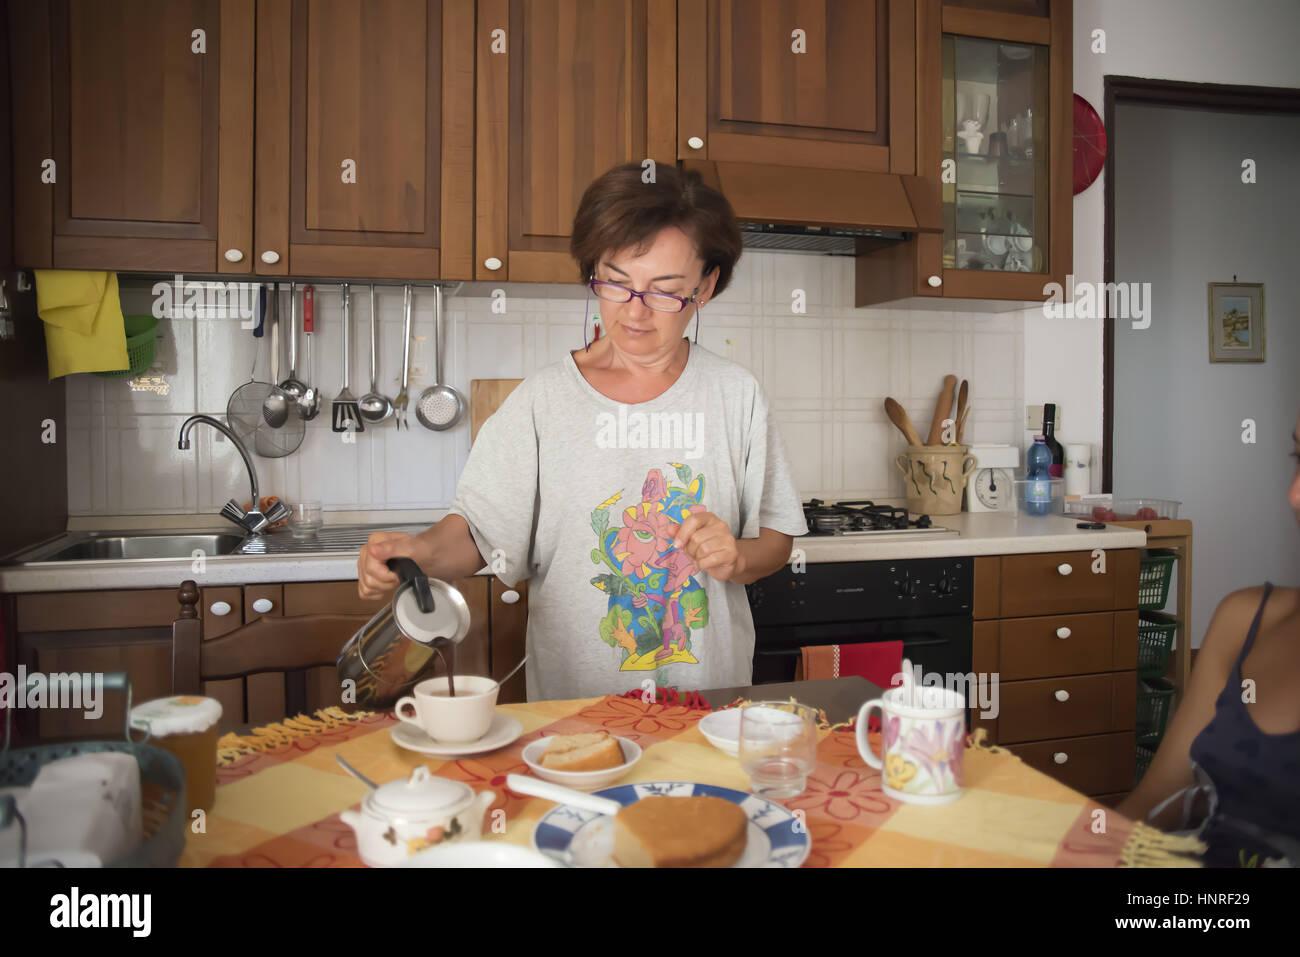 Frühstück italienisch Familie Frühstück italienische Familie In der ...